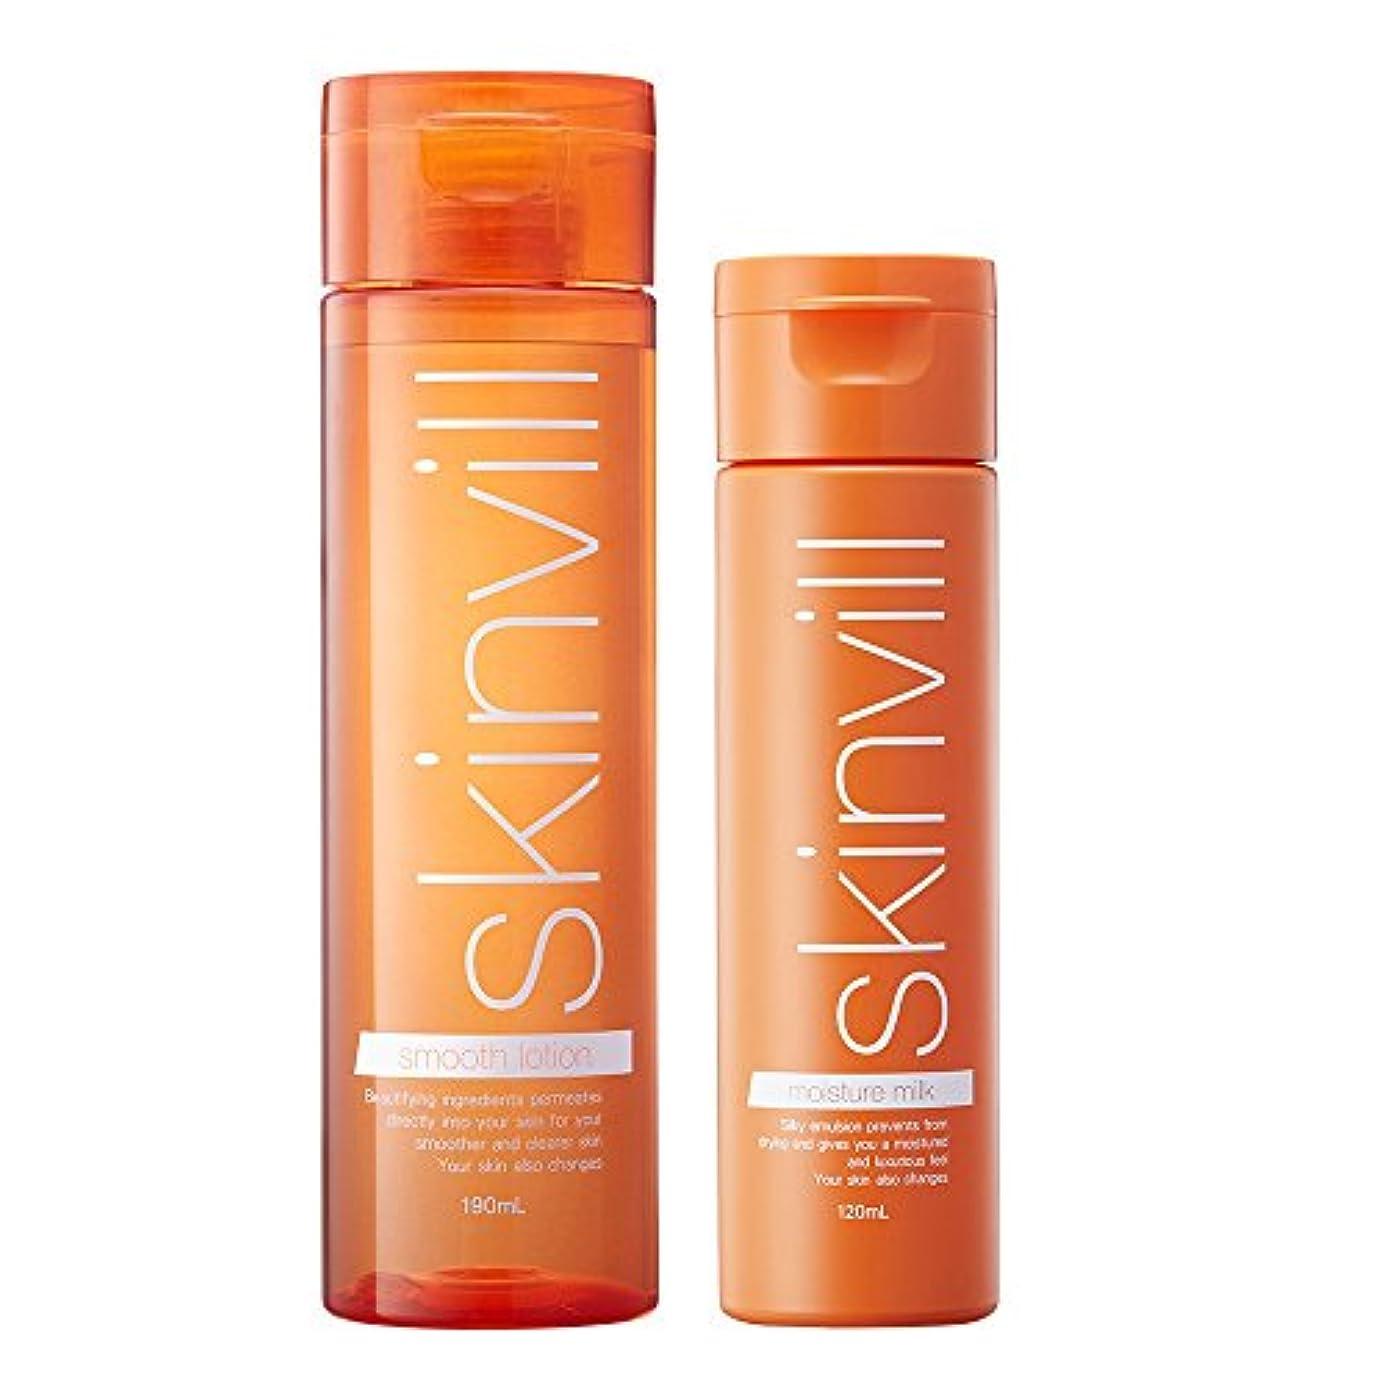 禁じる漏斗効能ある【セット】 skinvill スキンビル スムースローション 化粧水 190ml & モイスチャーミルク 乳液 120ml